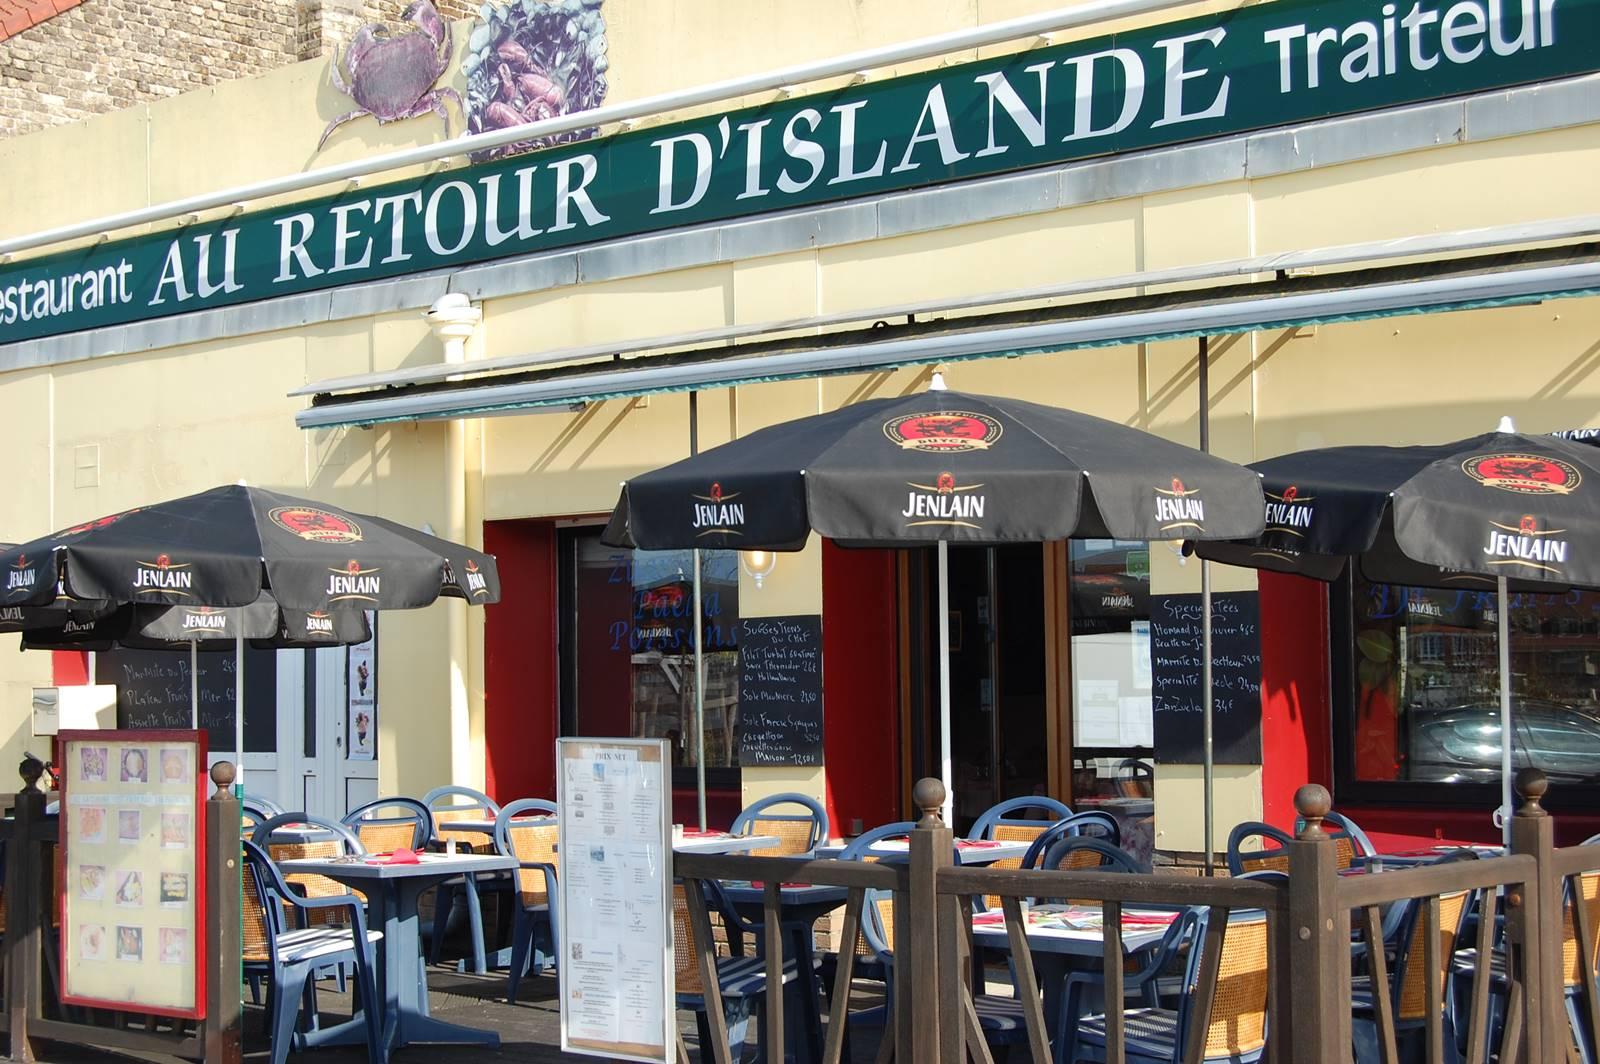 restaurant-retour-islande-gravelines (1).JPG